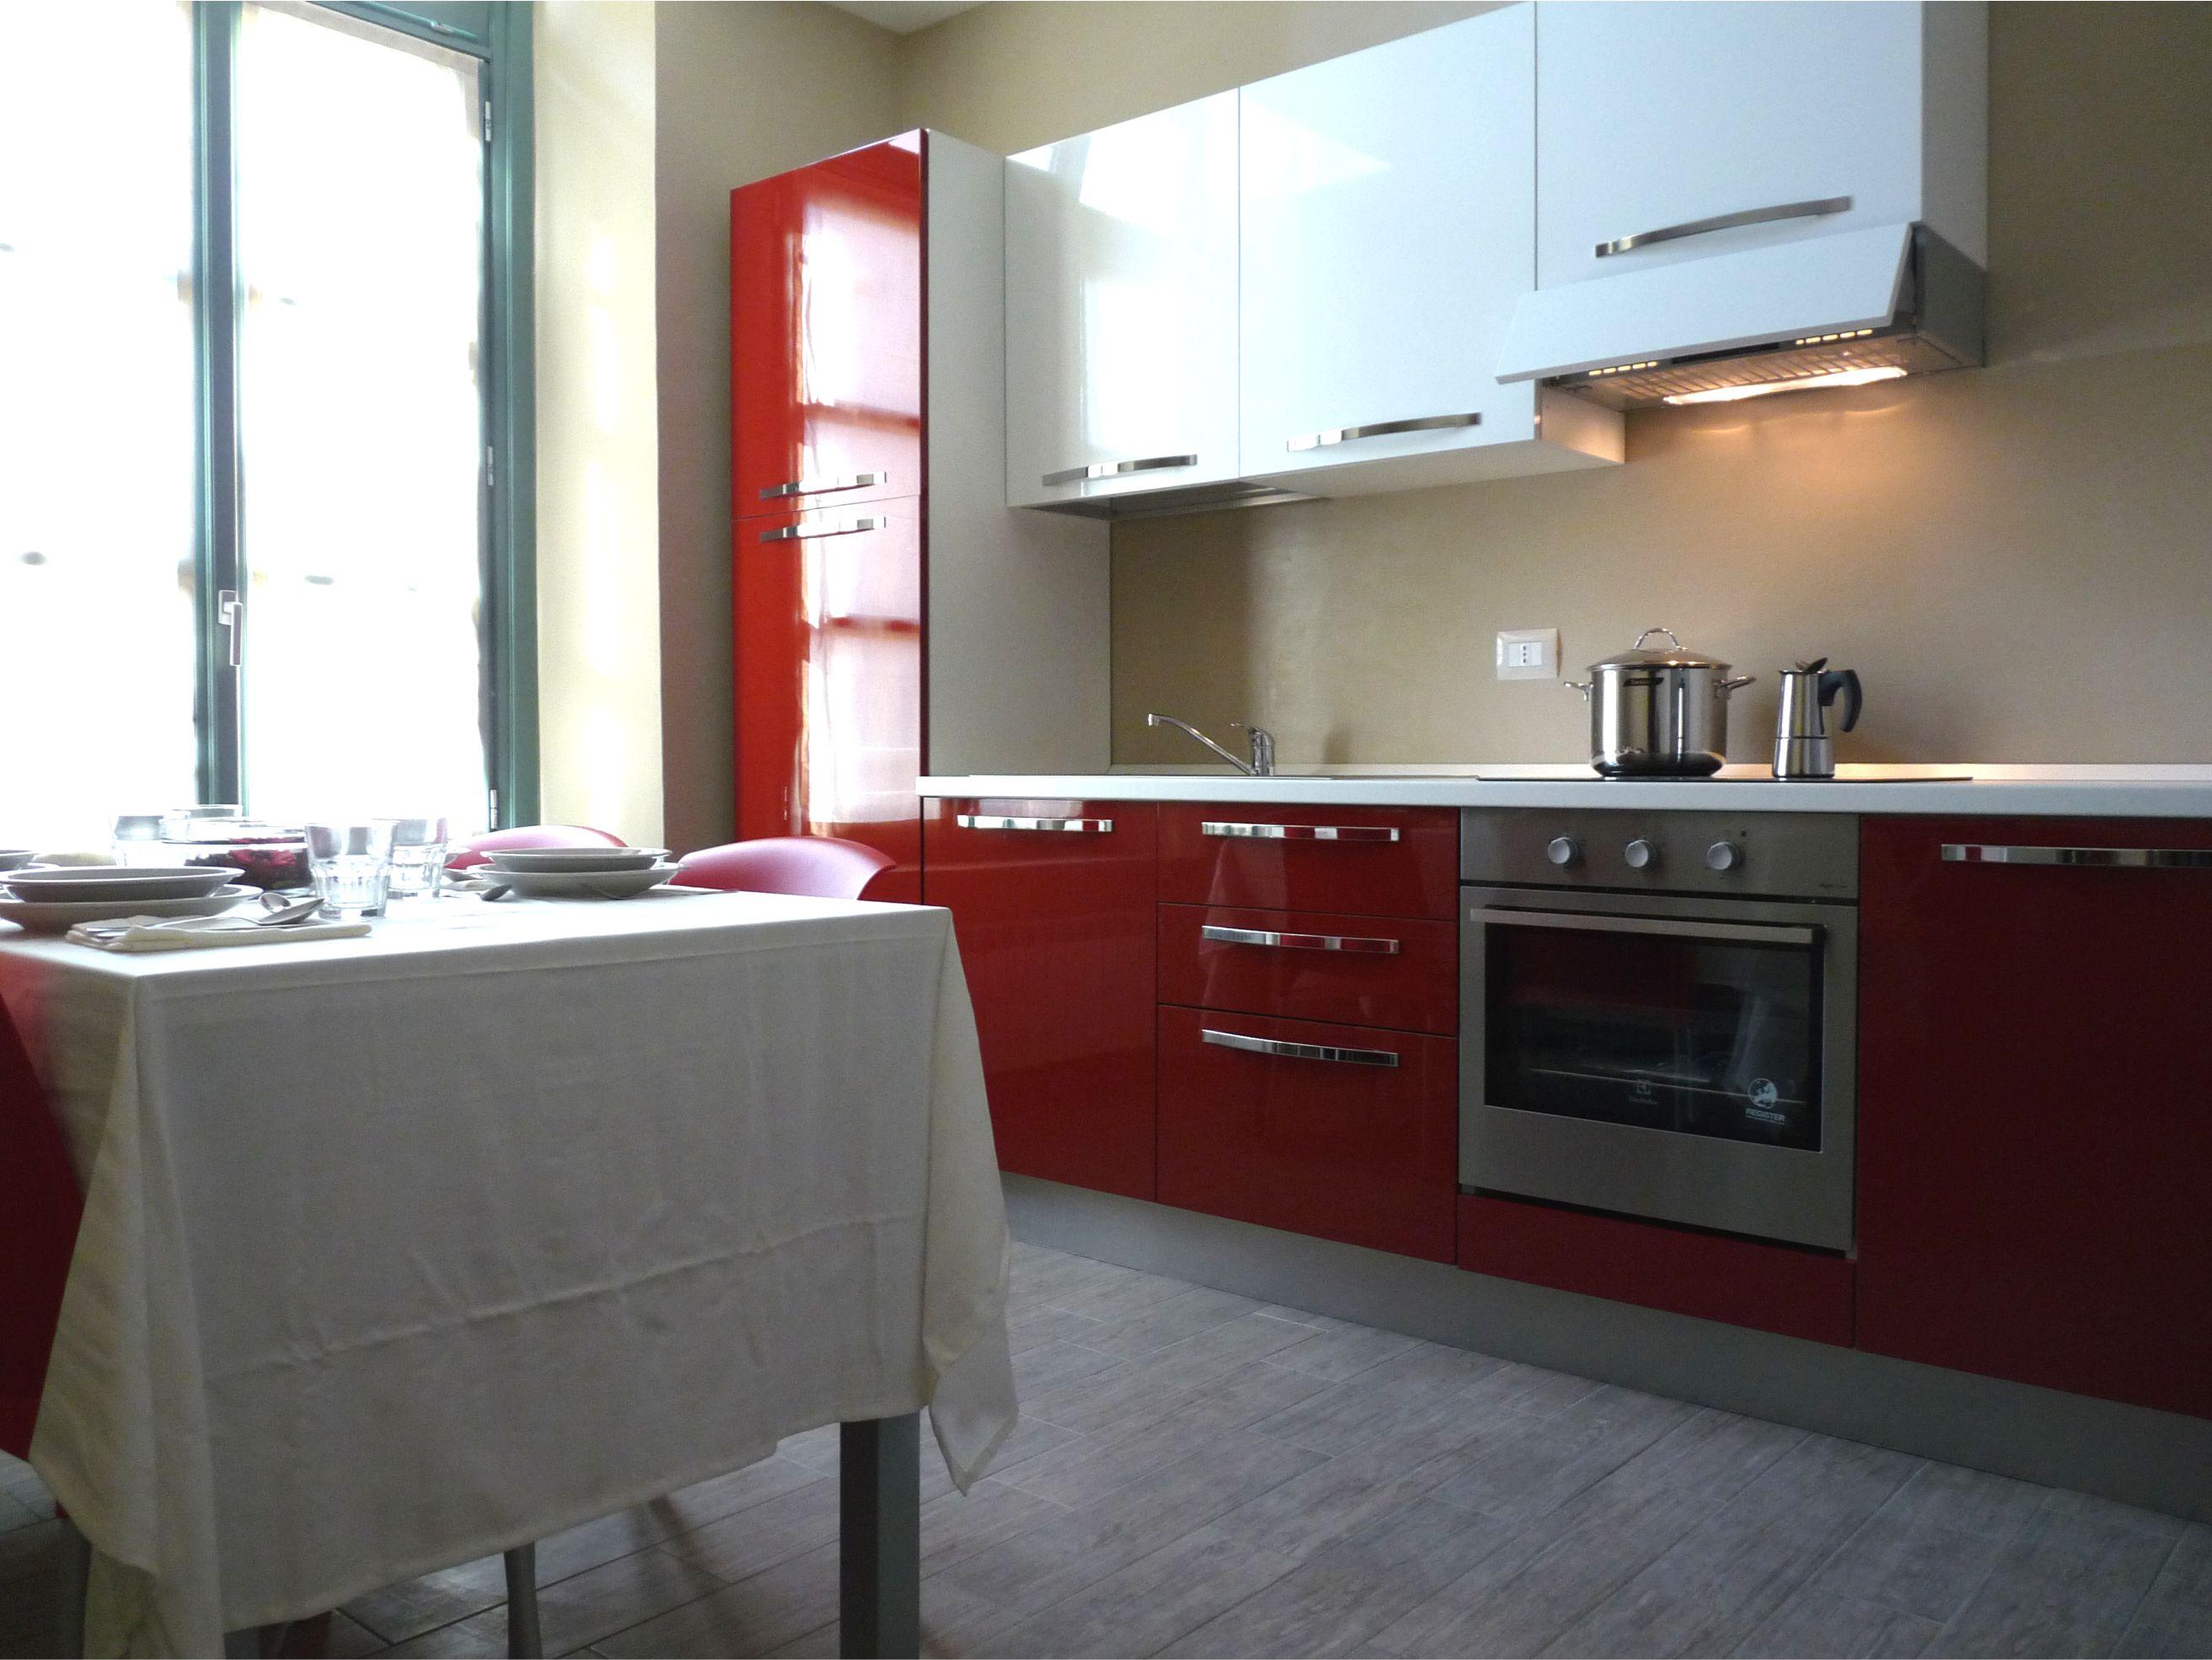 Cucina unità abitativa Housing Giulia